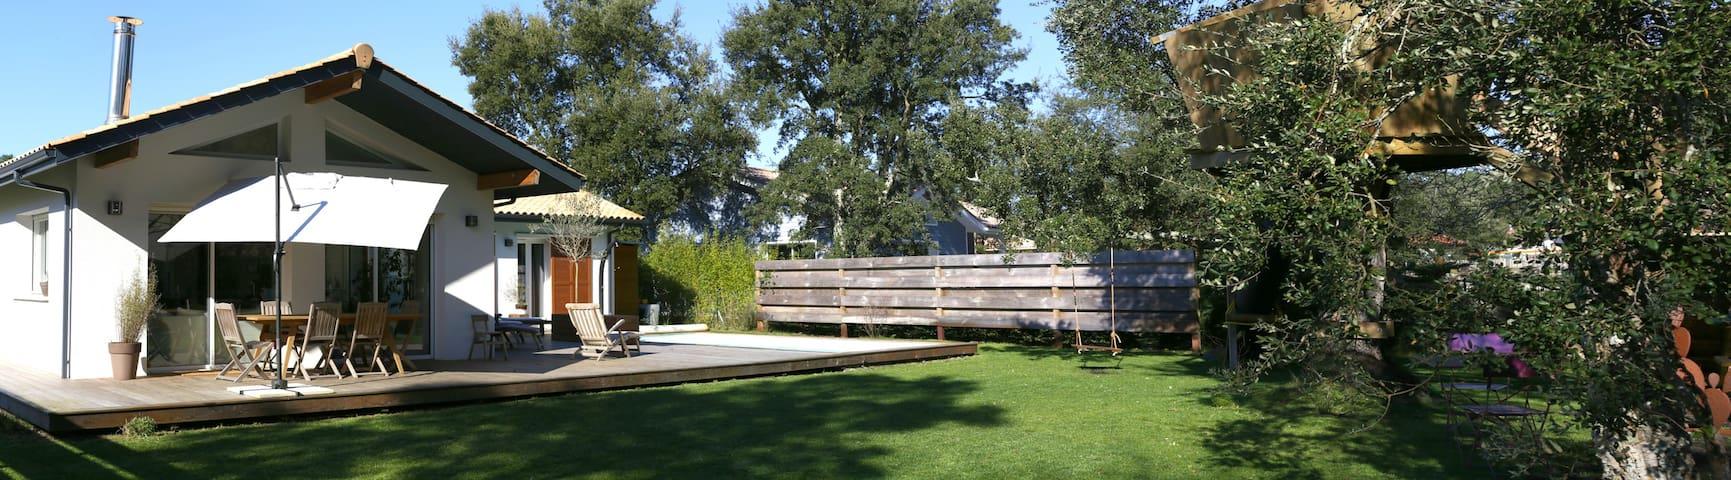 Villa avec piscine chauffée sans vis à vis - Moliets-et-Maa - Отпускное жилье